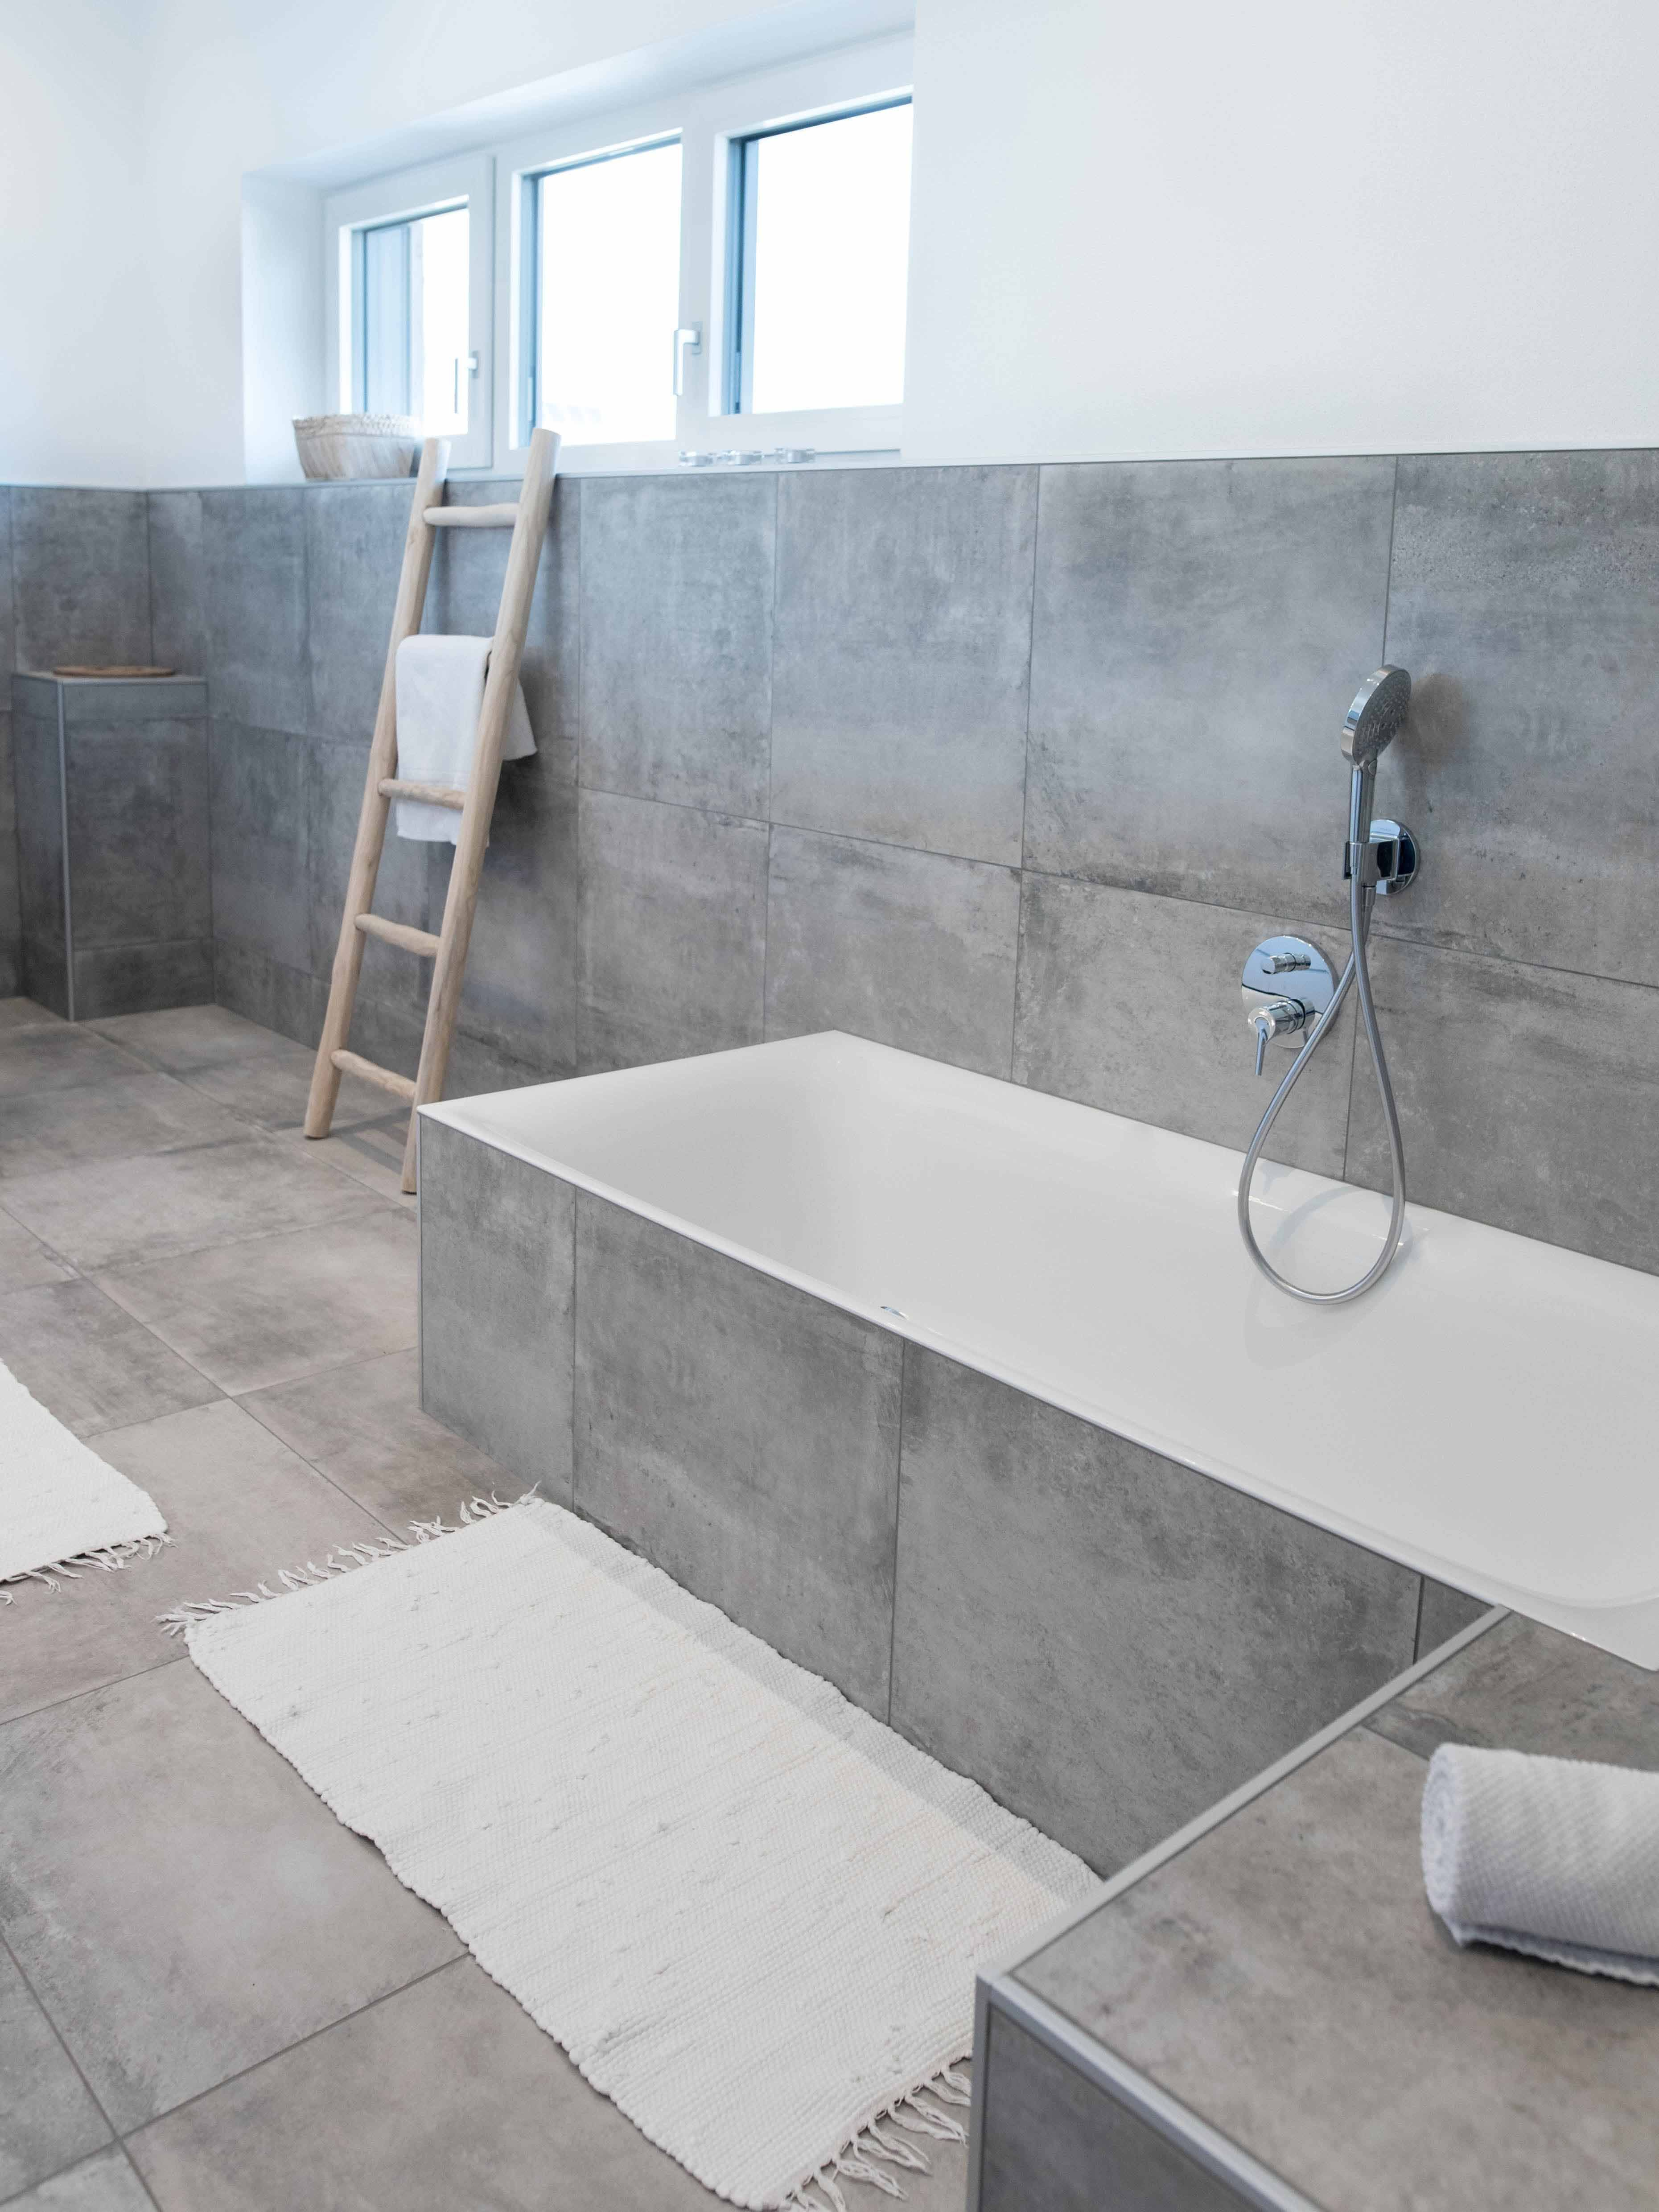 Inspirieren lassen auf | Badezimmer natur, Badezimmer und Bad